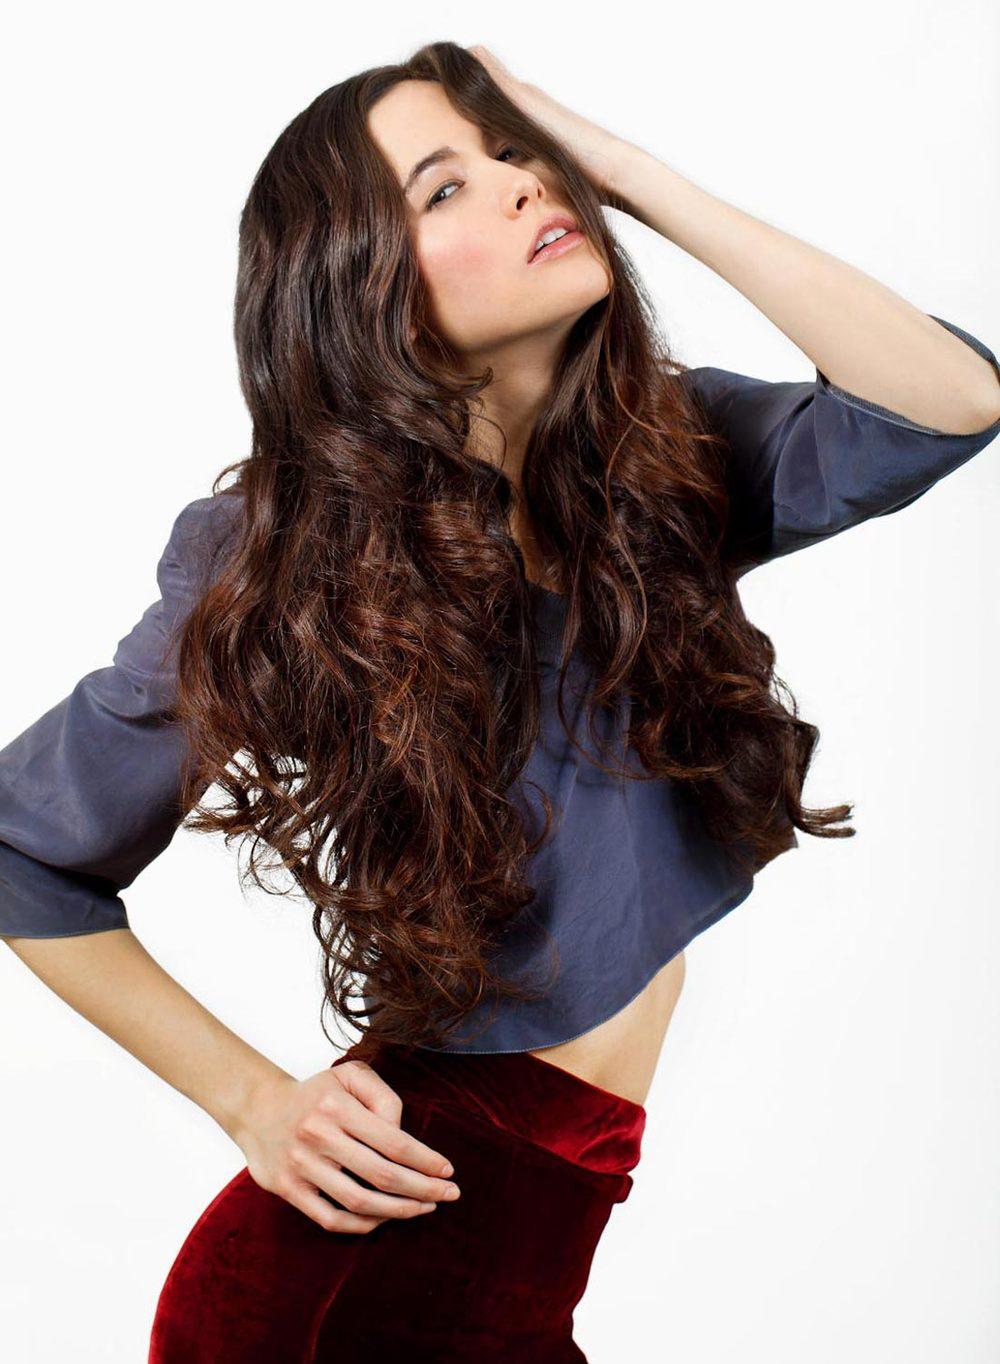 Hair Organics / London